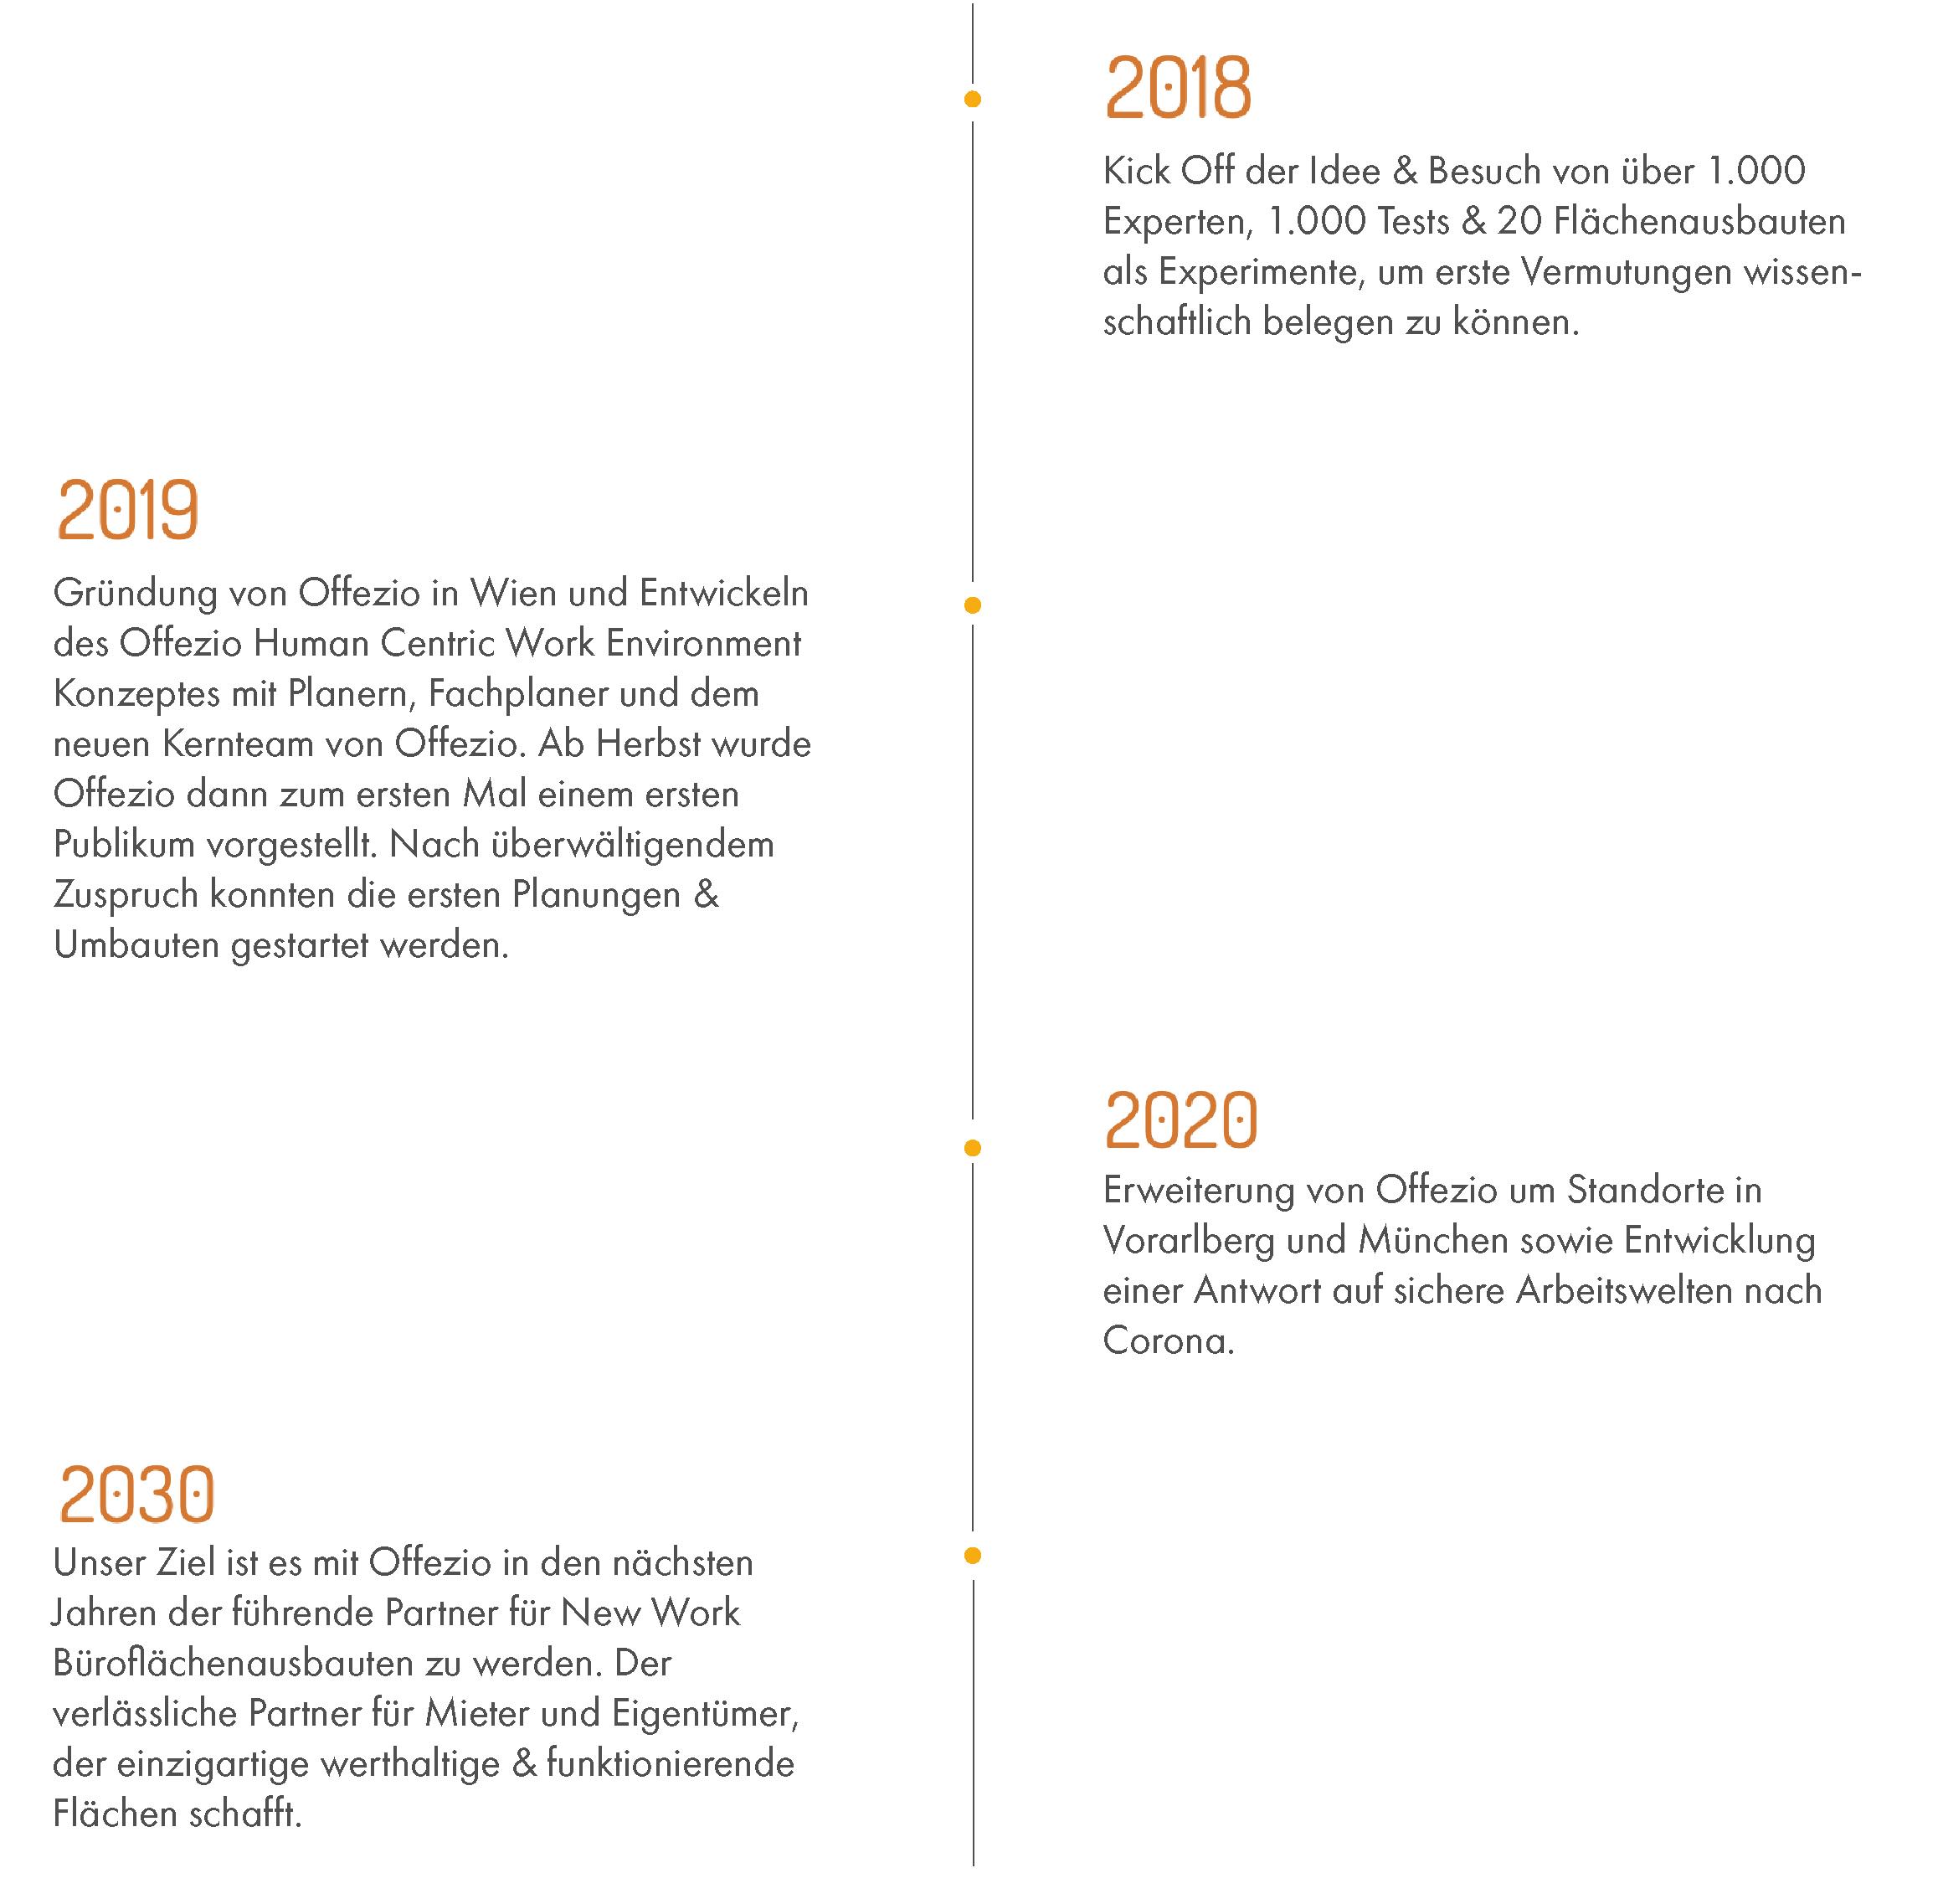 Zeitstrahl von 2018-2030 zur Unternehmensgeschichte